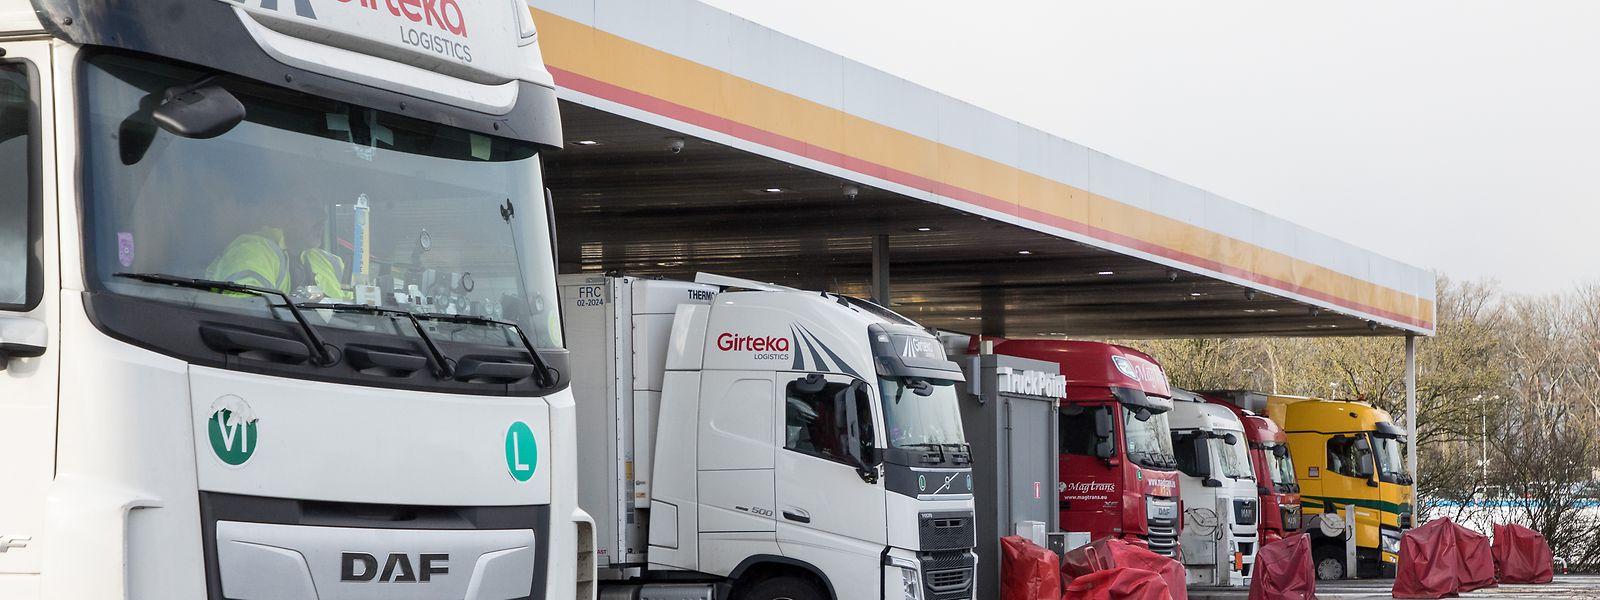 84 Prozent des an den Luxemburger Tankstellen verkauften Treibstoffs ist Diesel, der vor allem von Lastwagen getankt wird.